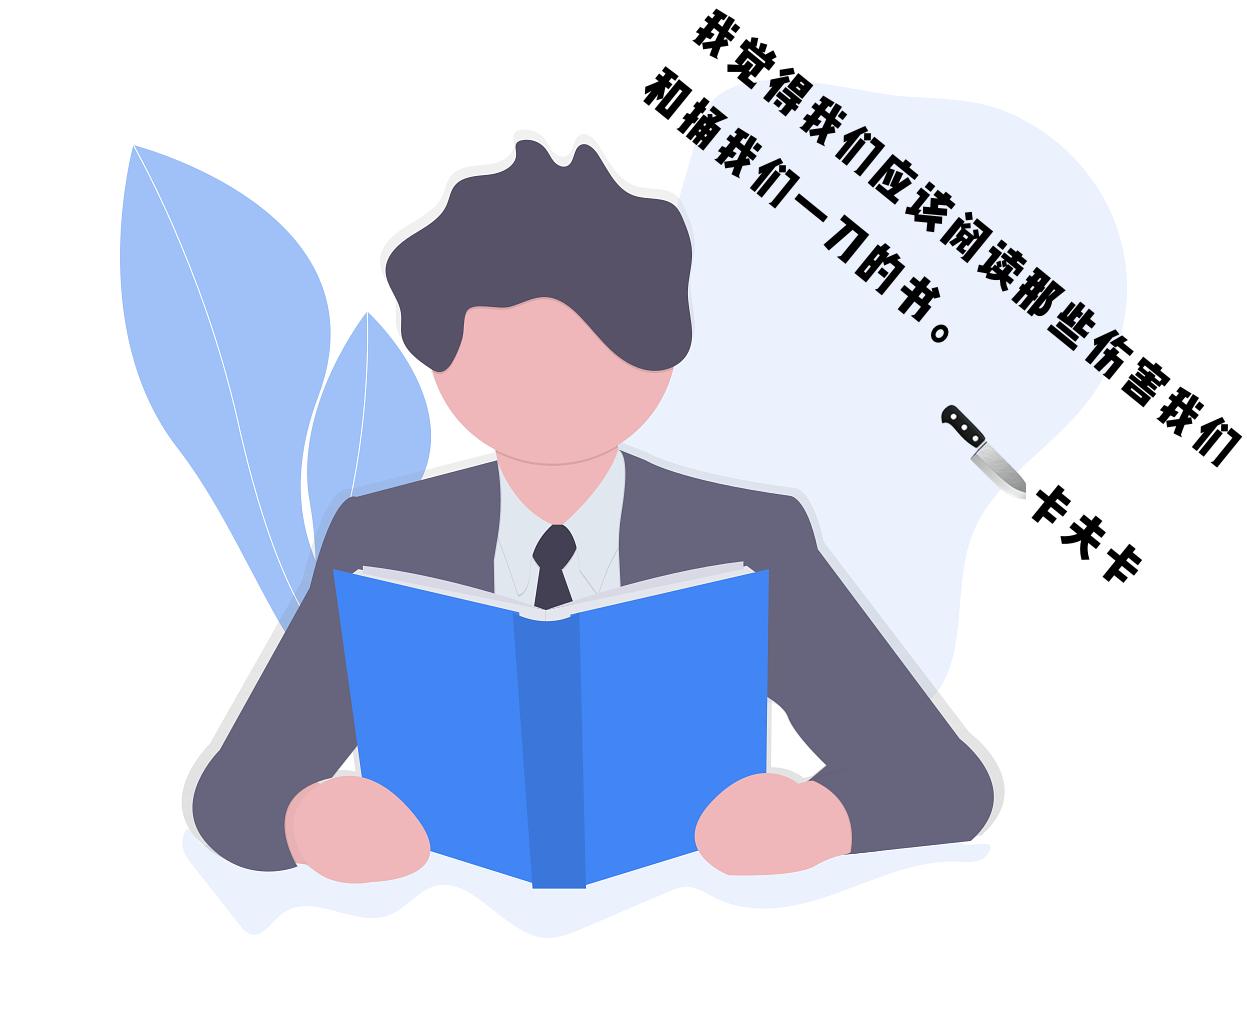 博客 追波风格.png-164.1kB